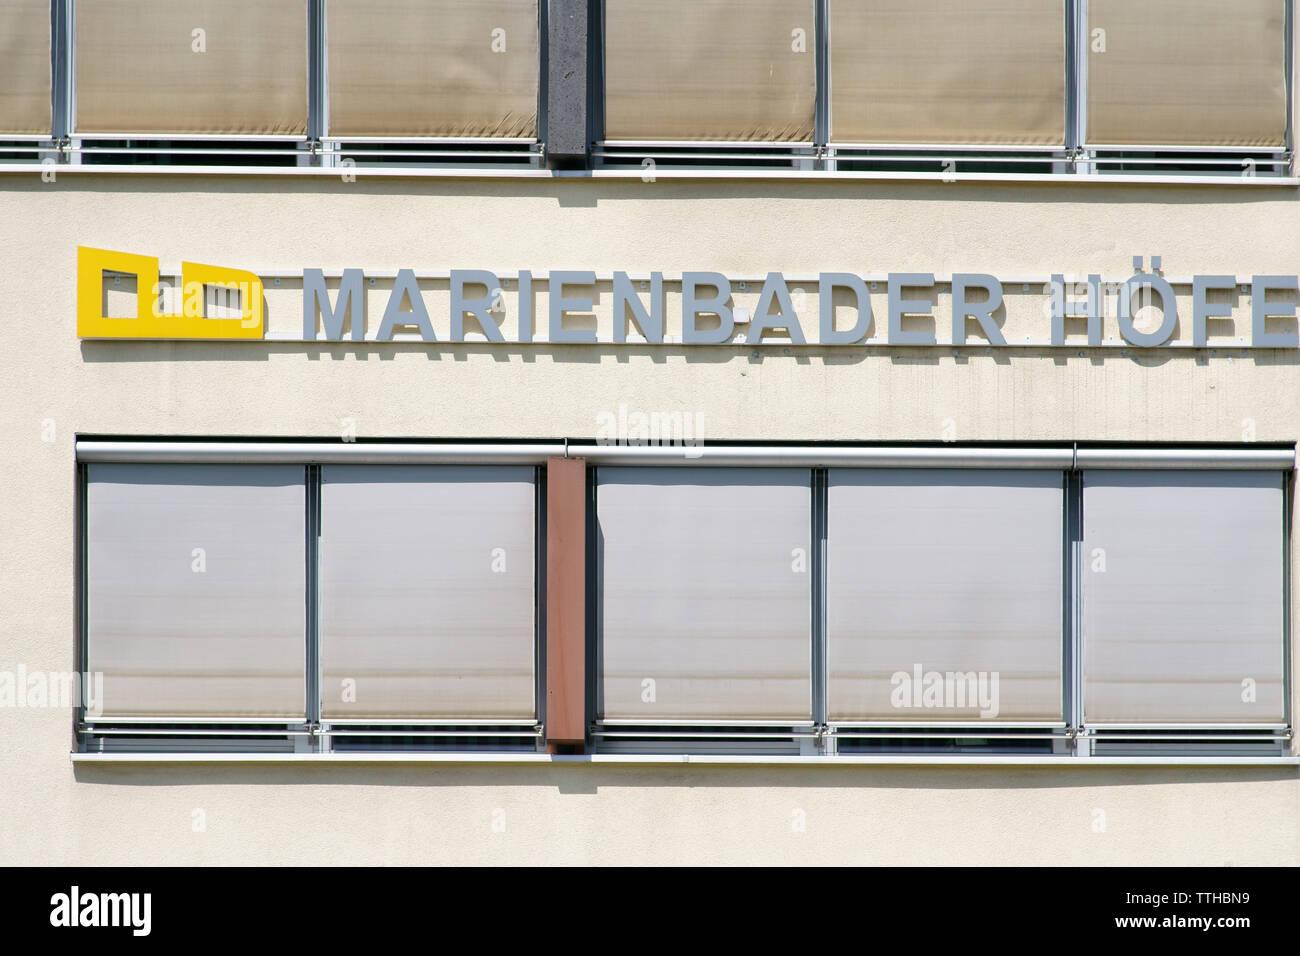 Bad Homburg, Alemania - Junio 09, 2019: el logotipo de los complejos residenciales y de oficinas Marienbader Hoefe en el centro de la ciudad, en junio 09, 2019 en Bad Homb Foto de stock